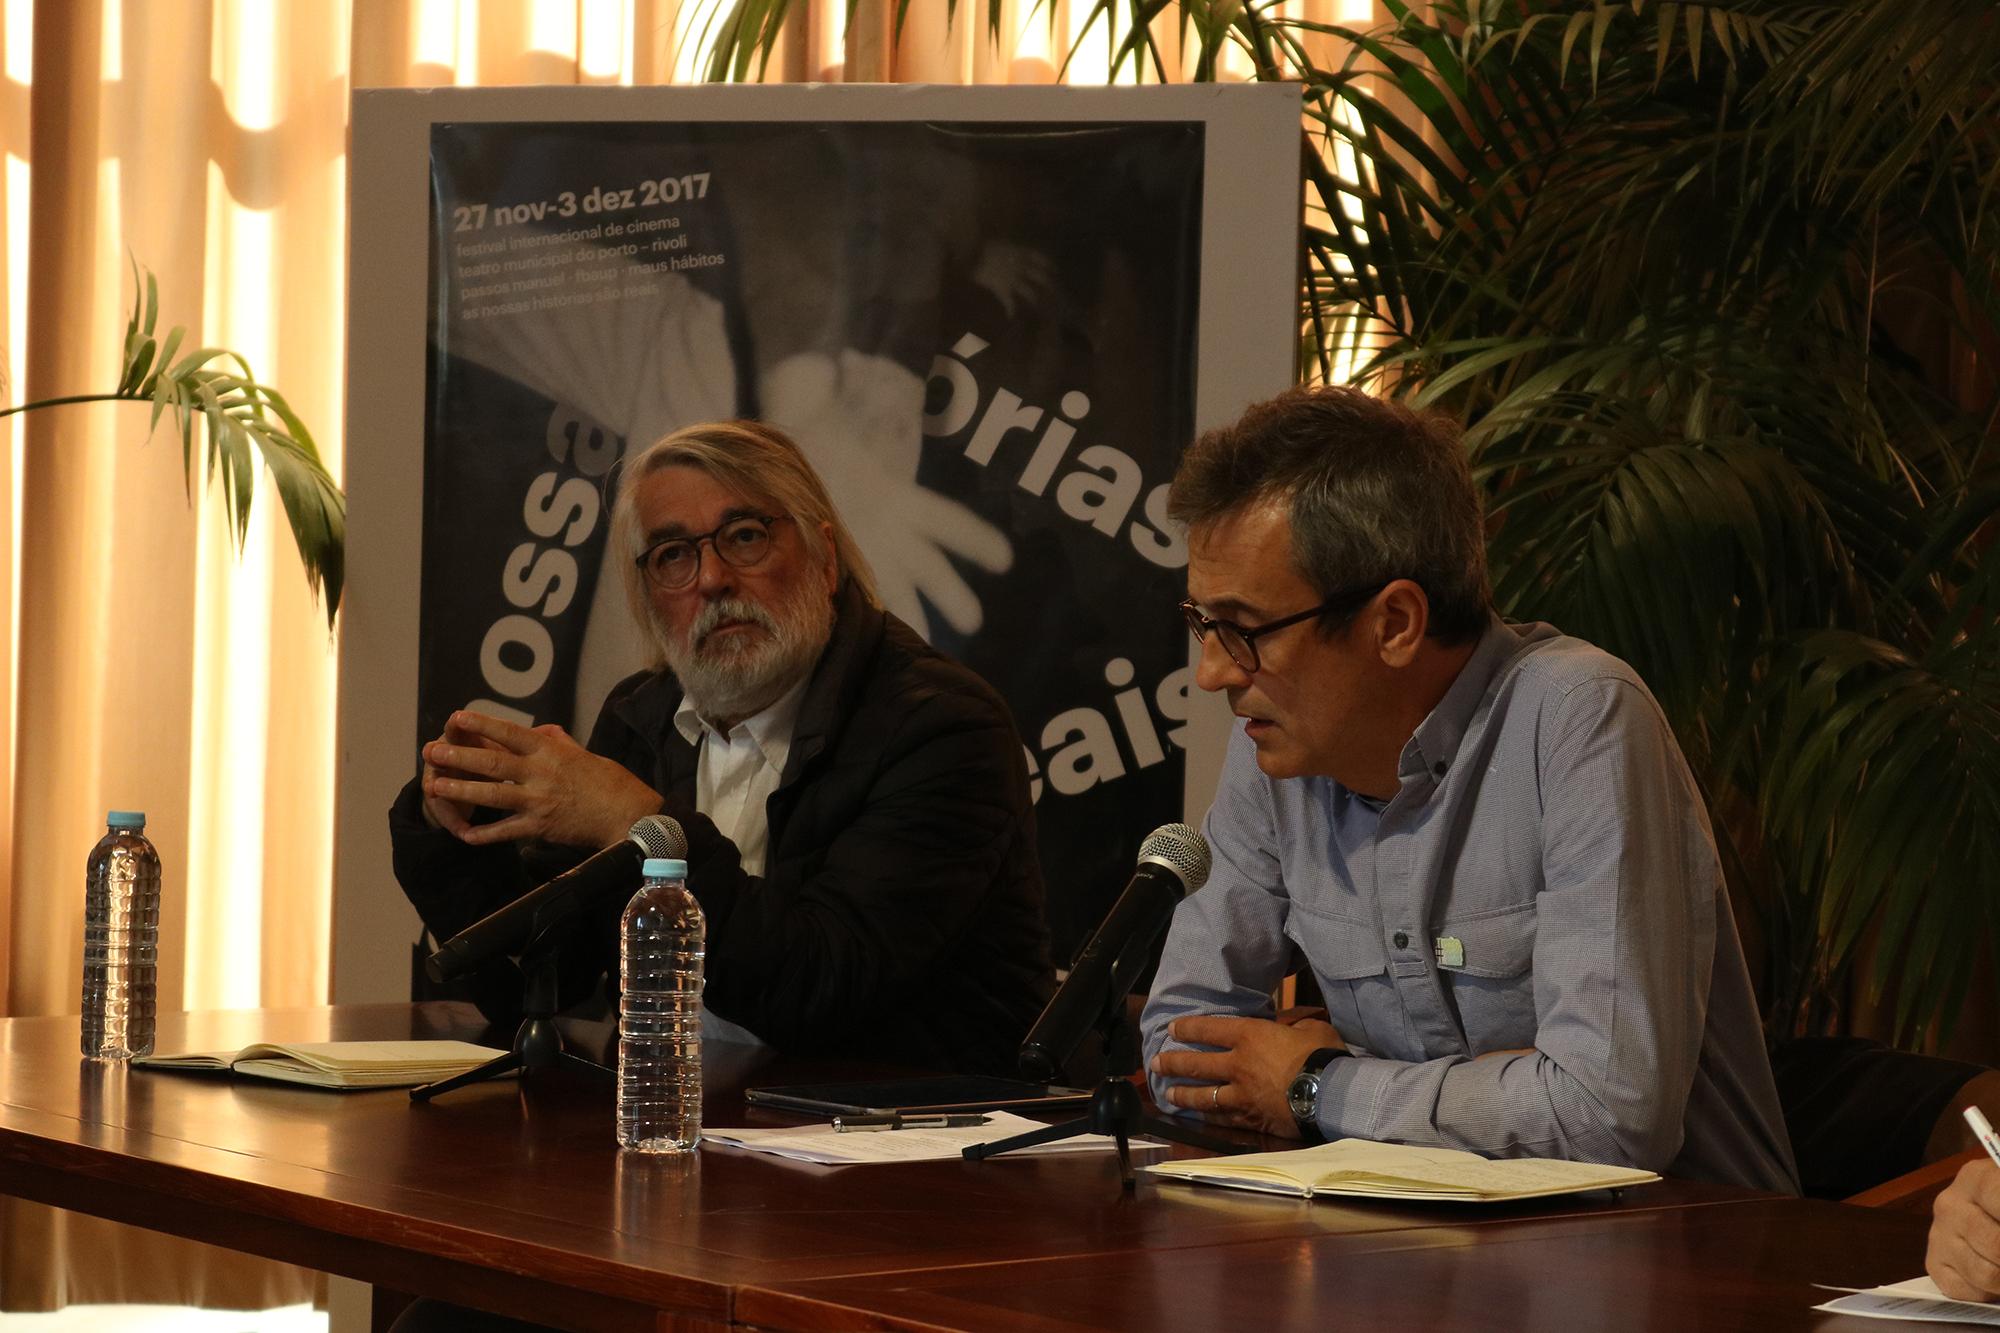 José Paiva, diretor da FBAUP (à esq.) ao lado de Dario Oliveira, codiretor do festival.